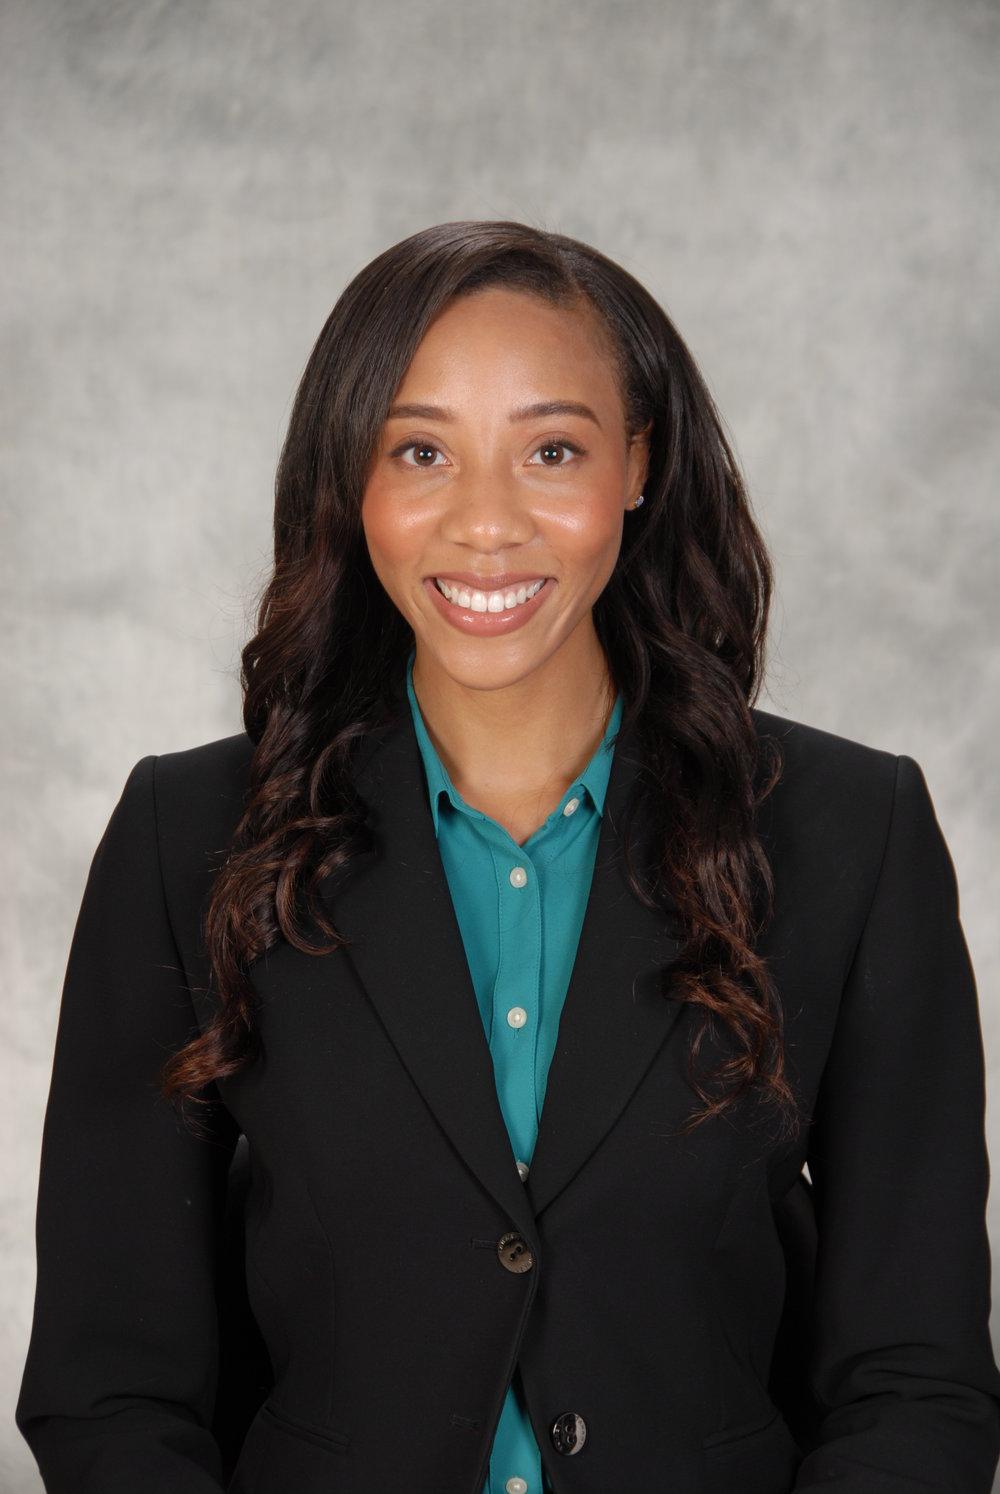 Miranda Barnes - VP of Curriculum